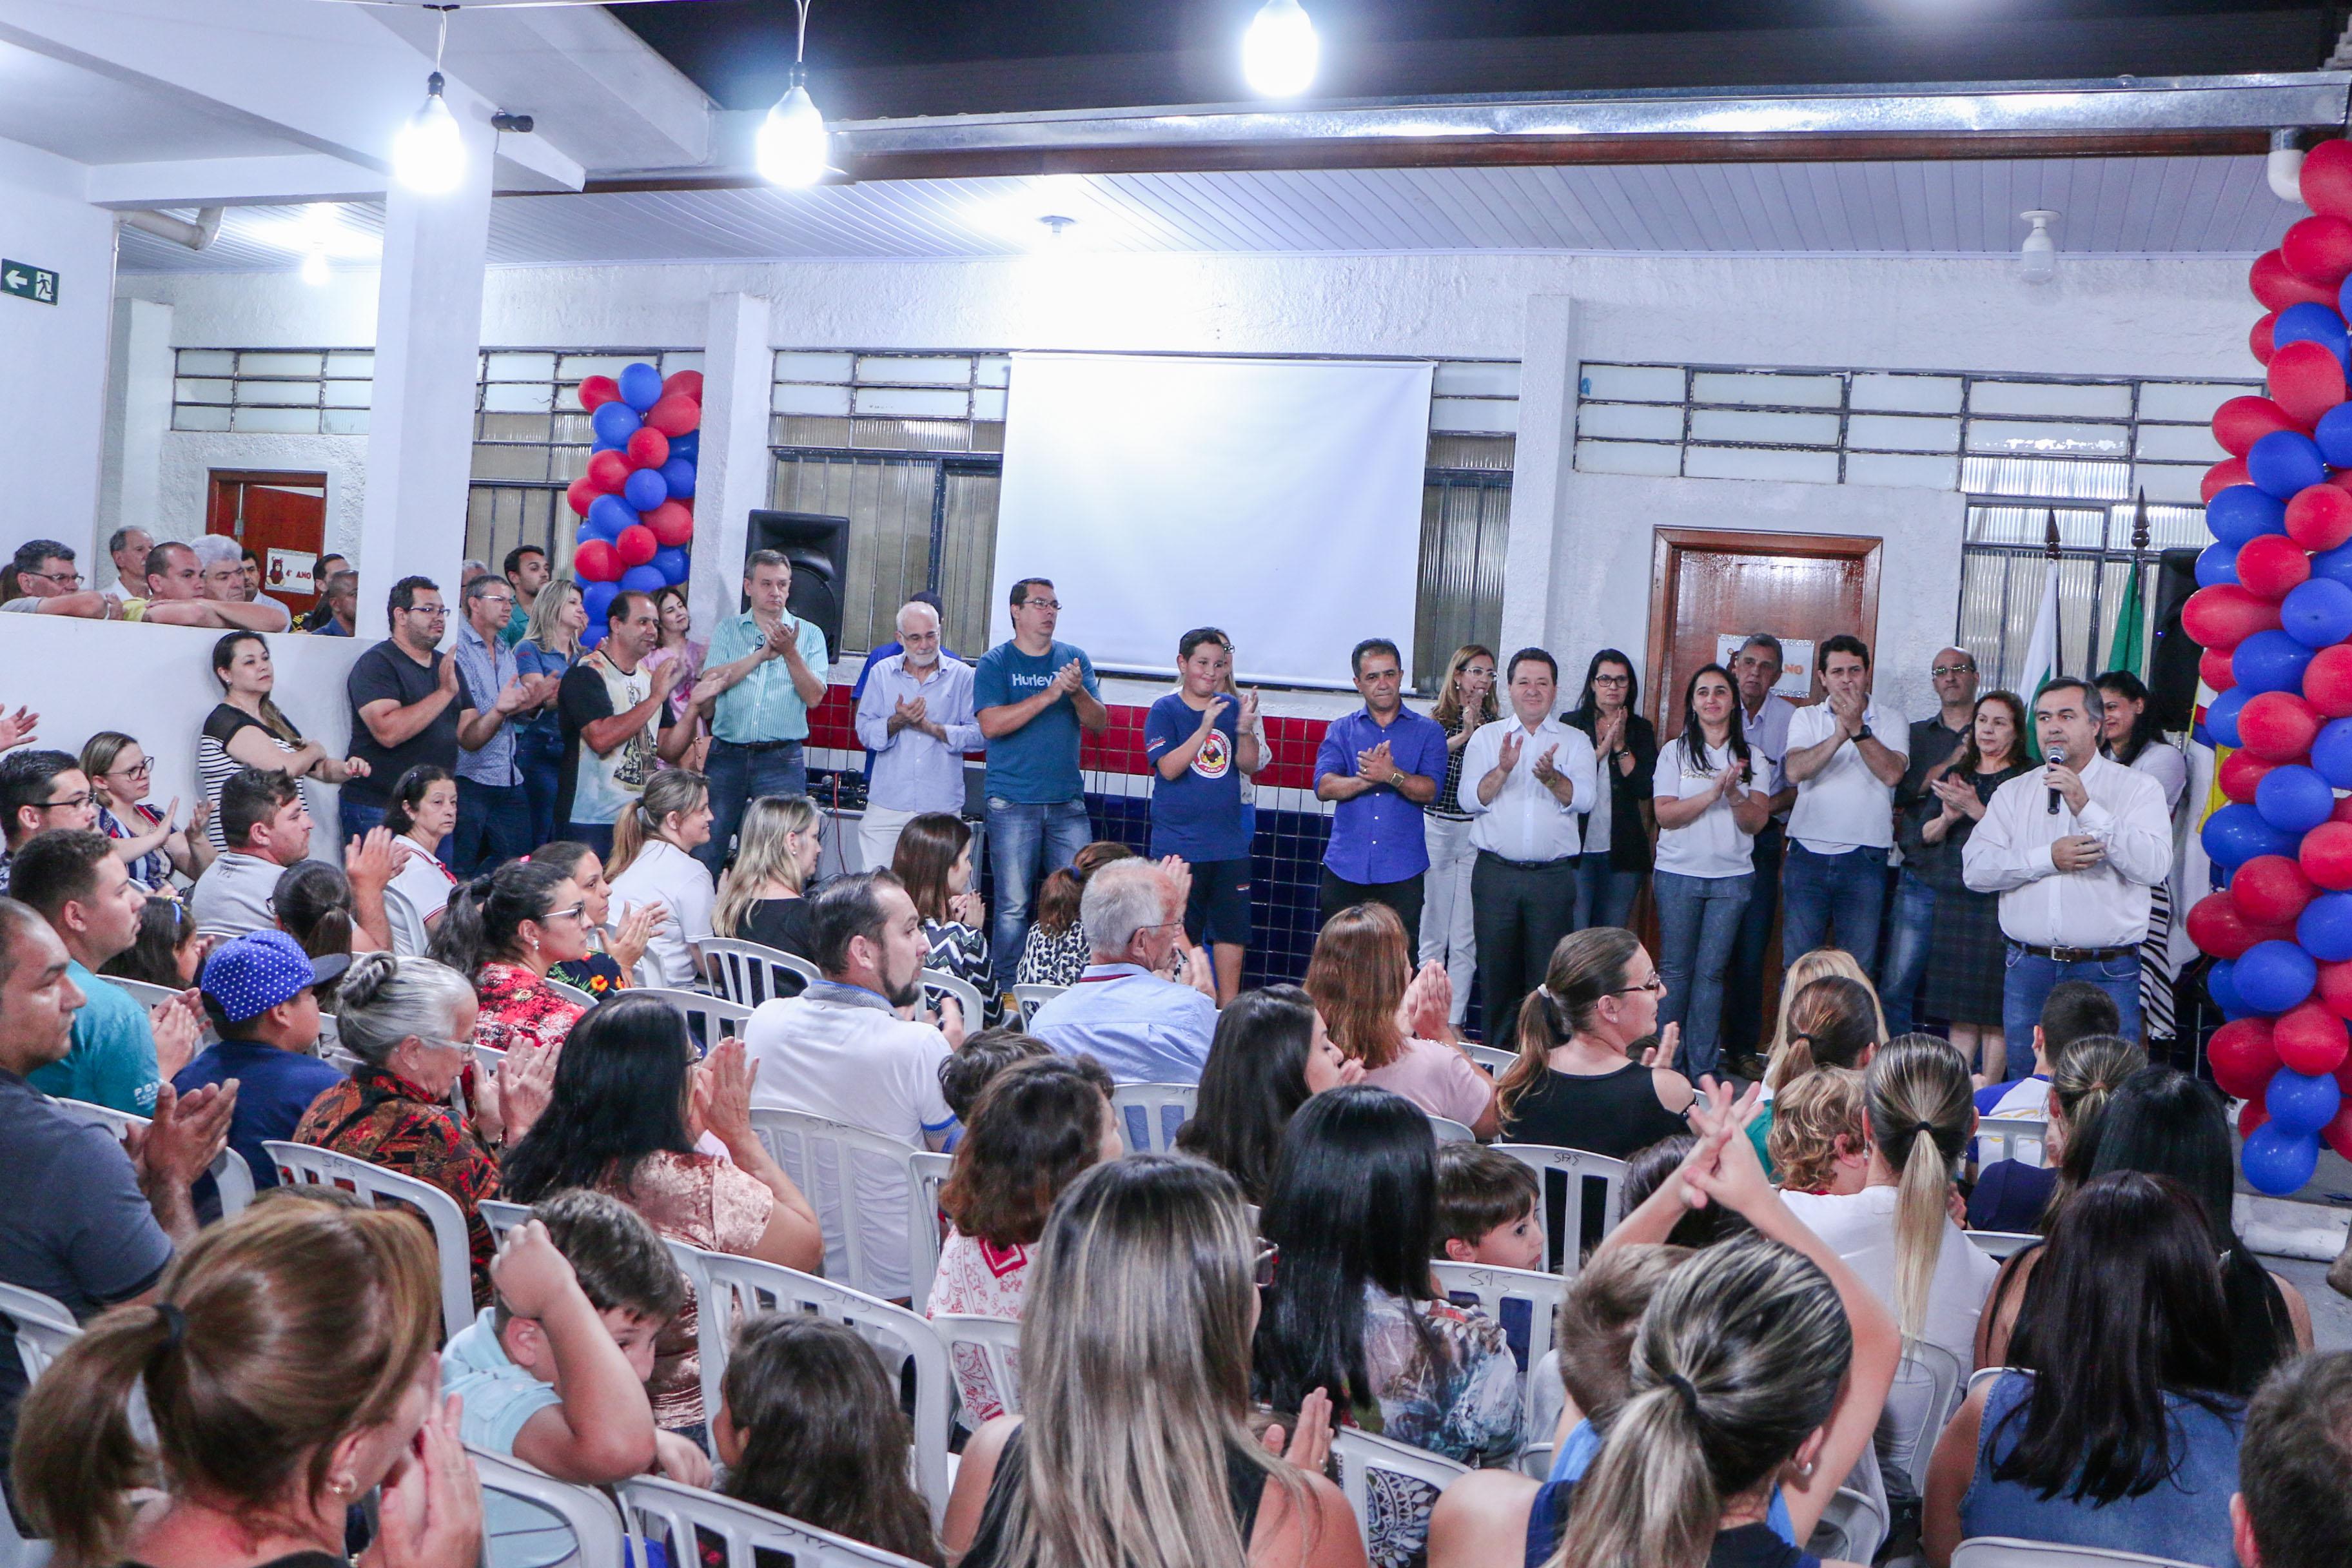 Prefeitura investe R$ 670 mil na reforma  de mais uma unidade de ensino